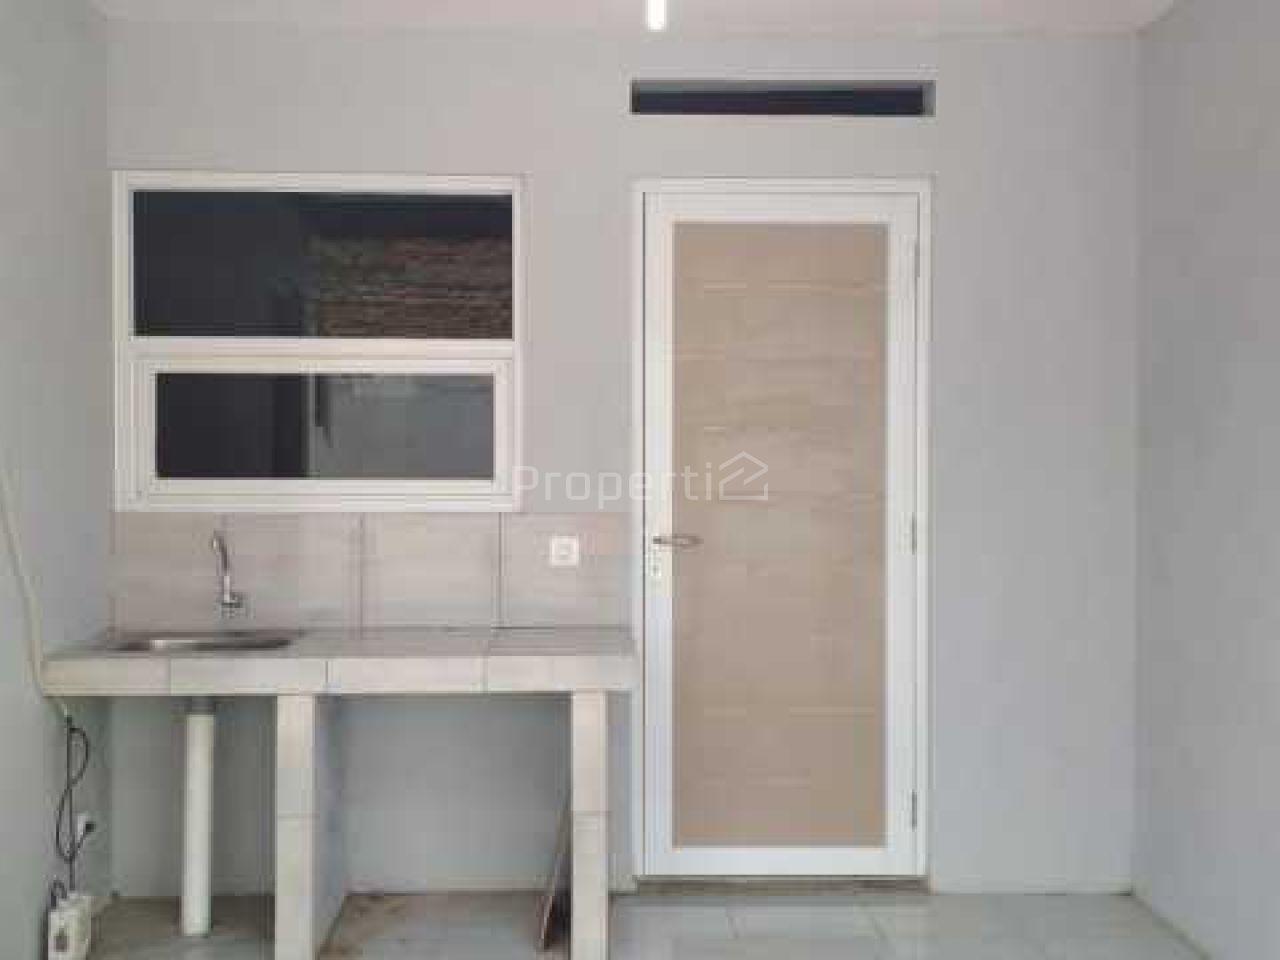 Rumah Baru di Ciganitri, Bandung, Kab. Bandung